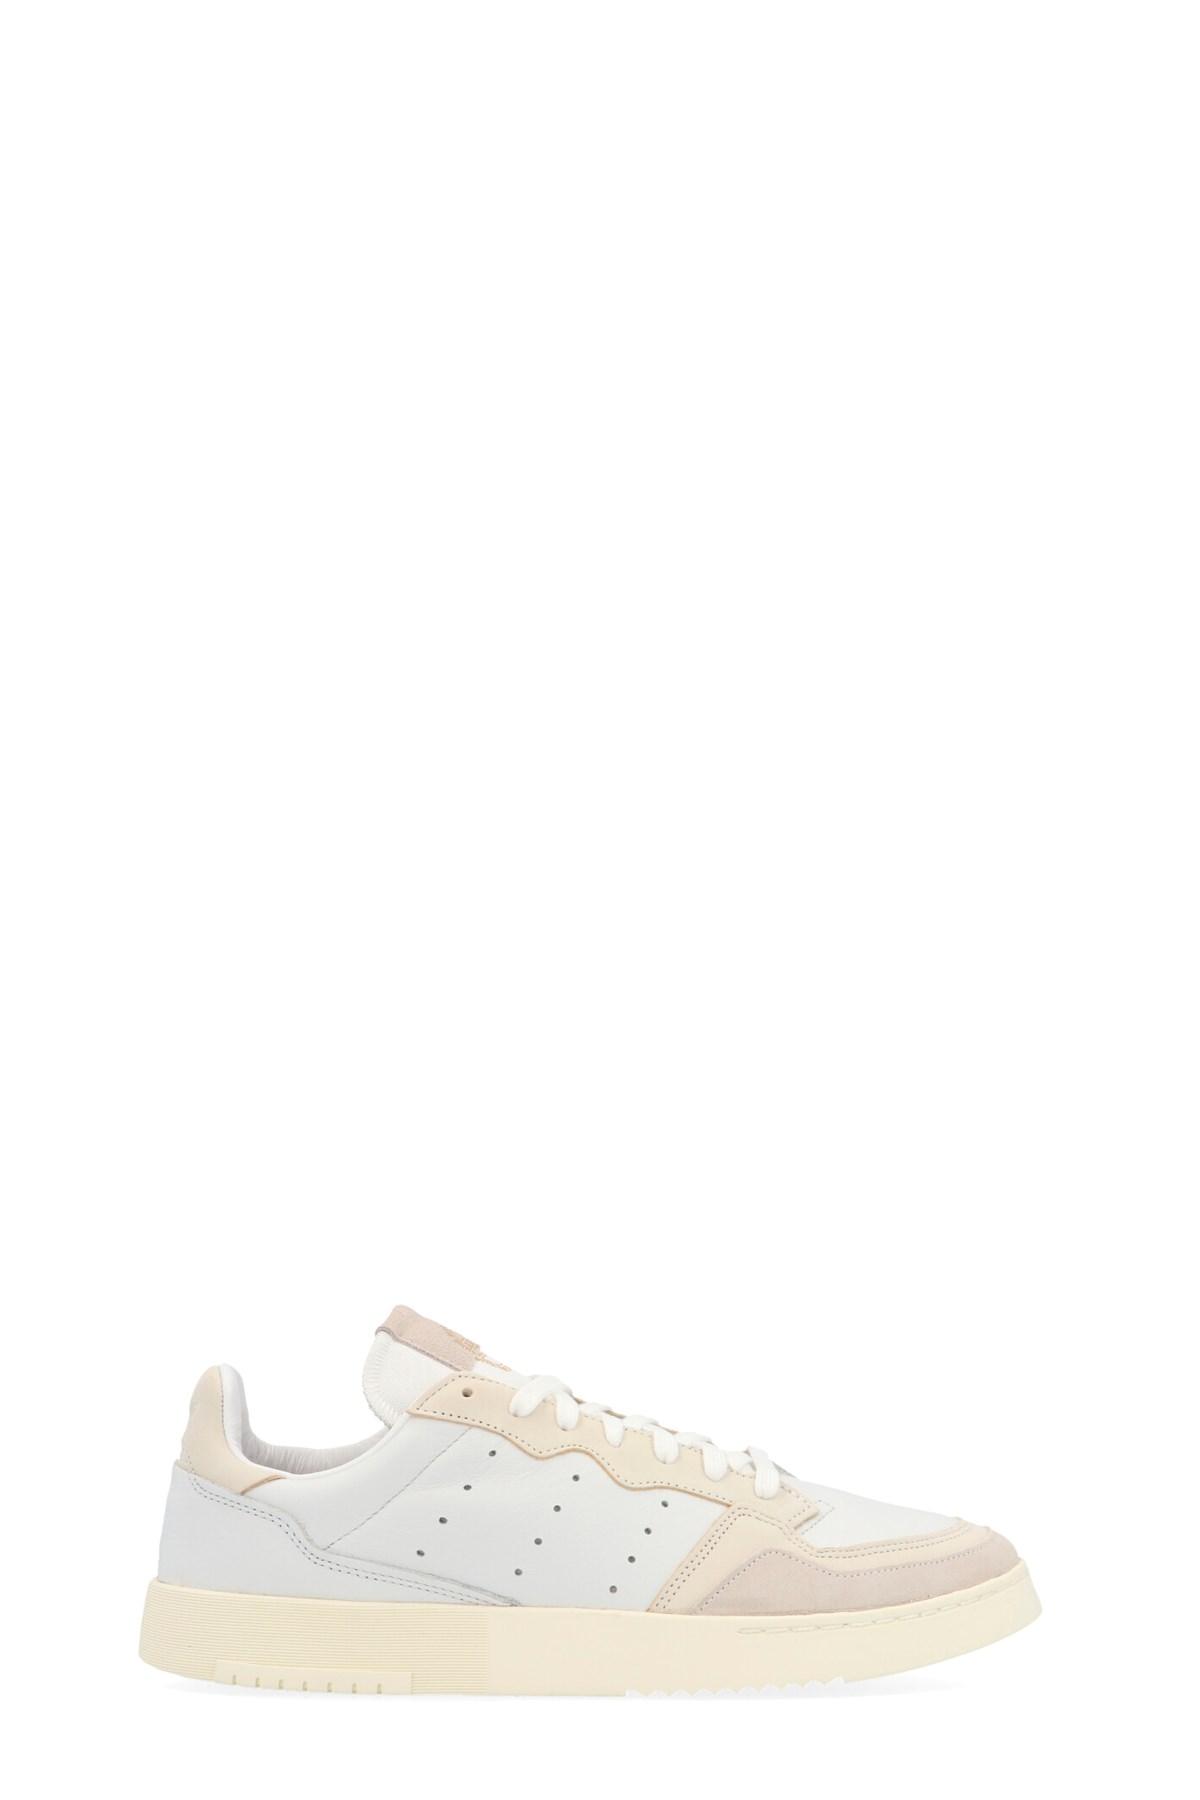 adidas originals 'Supercourt' sneakers